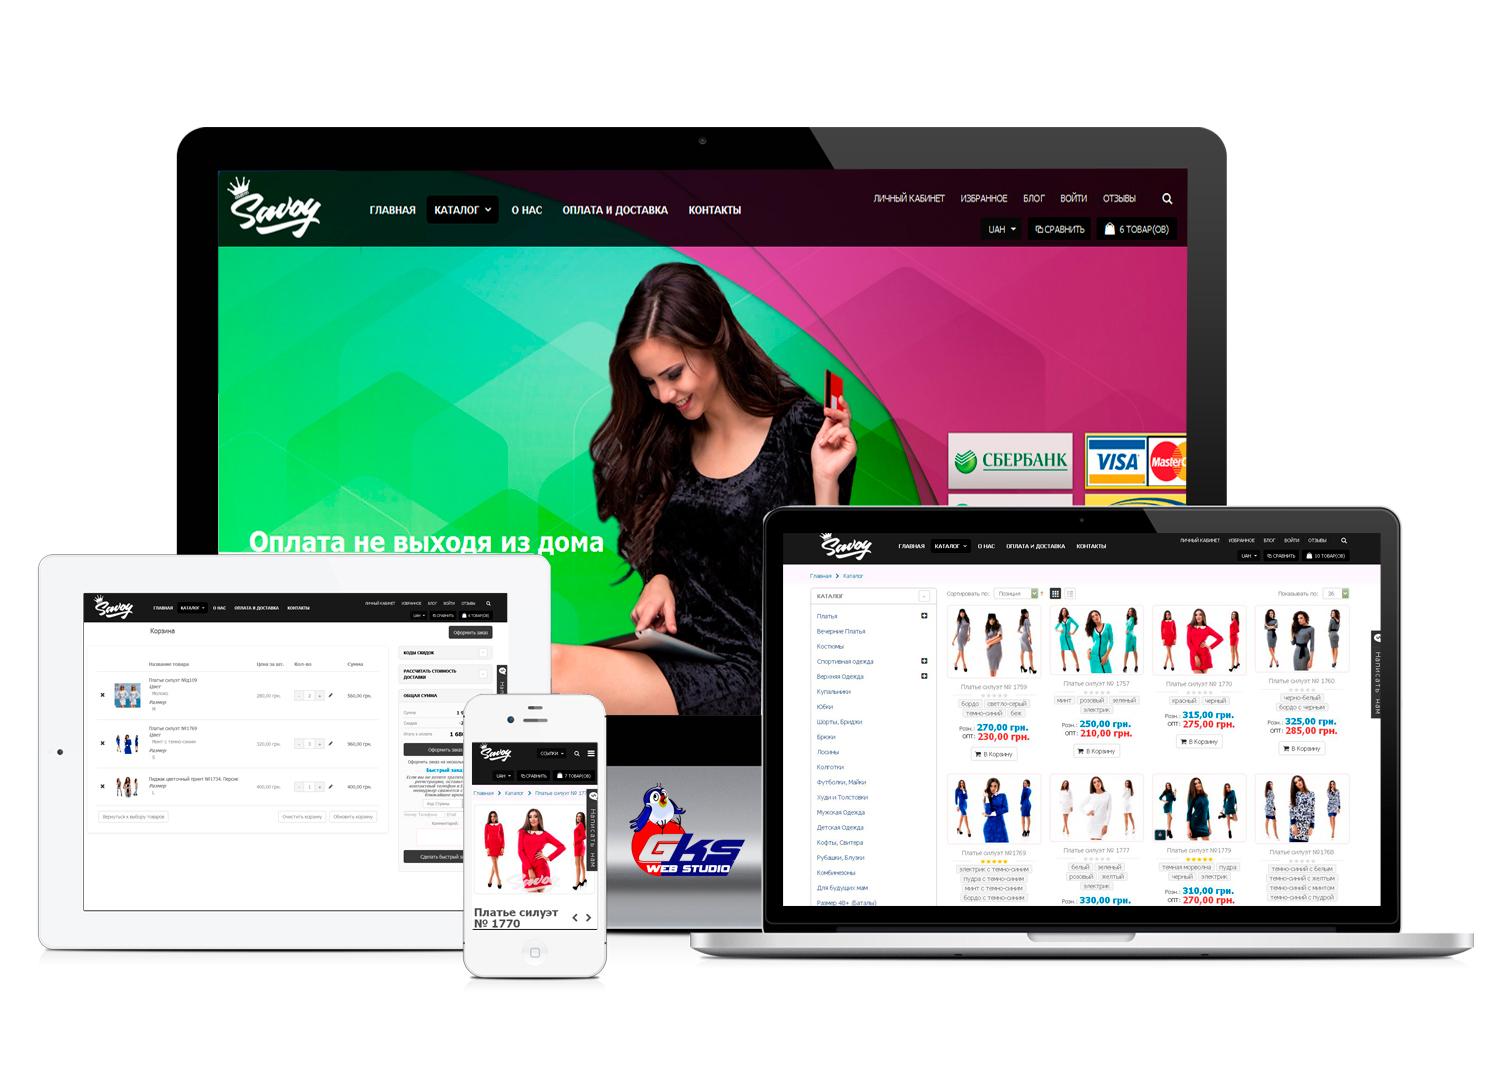 Створення інтернет-магазину Savoy